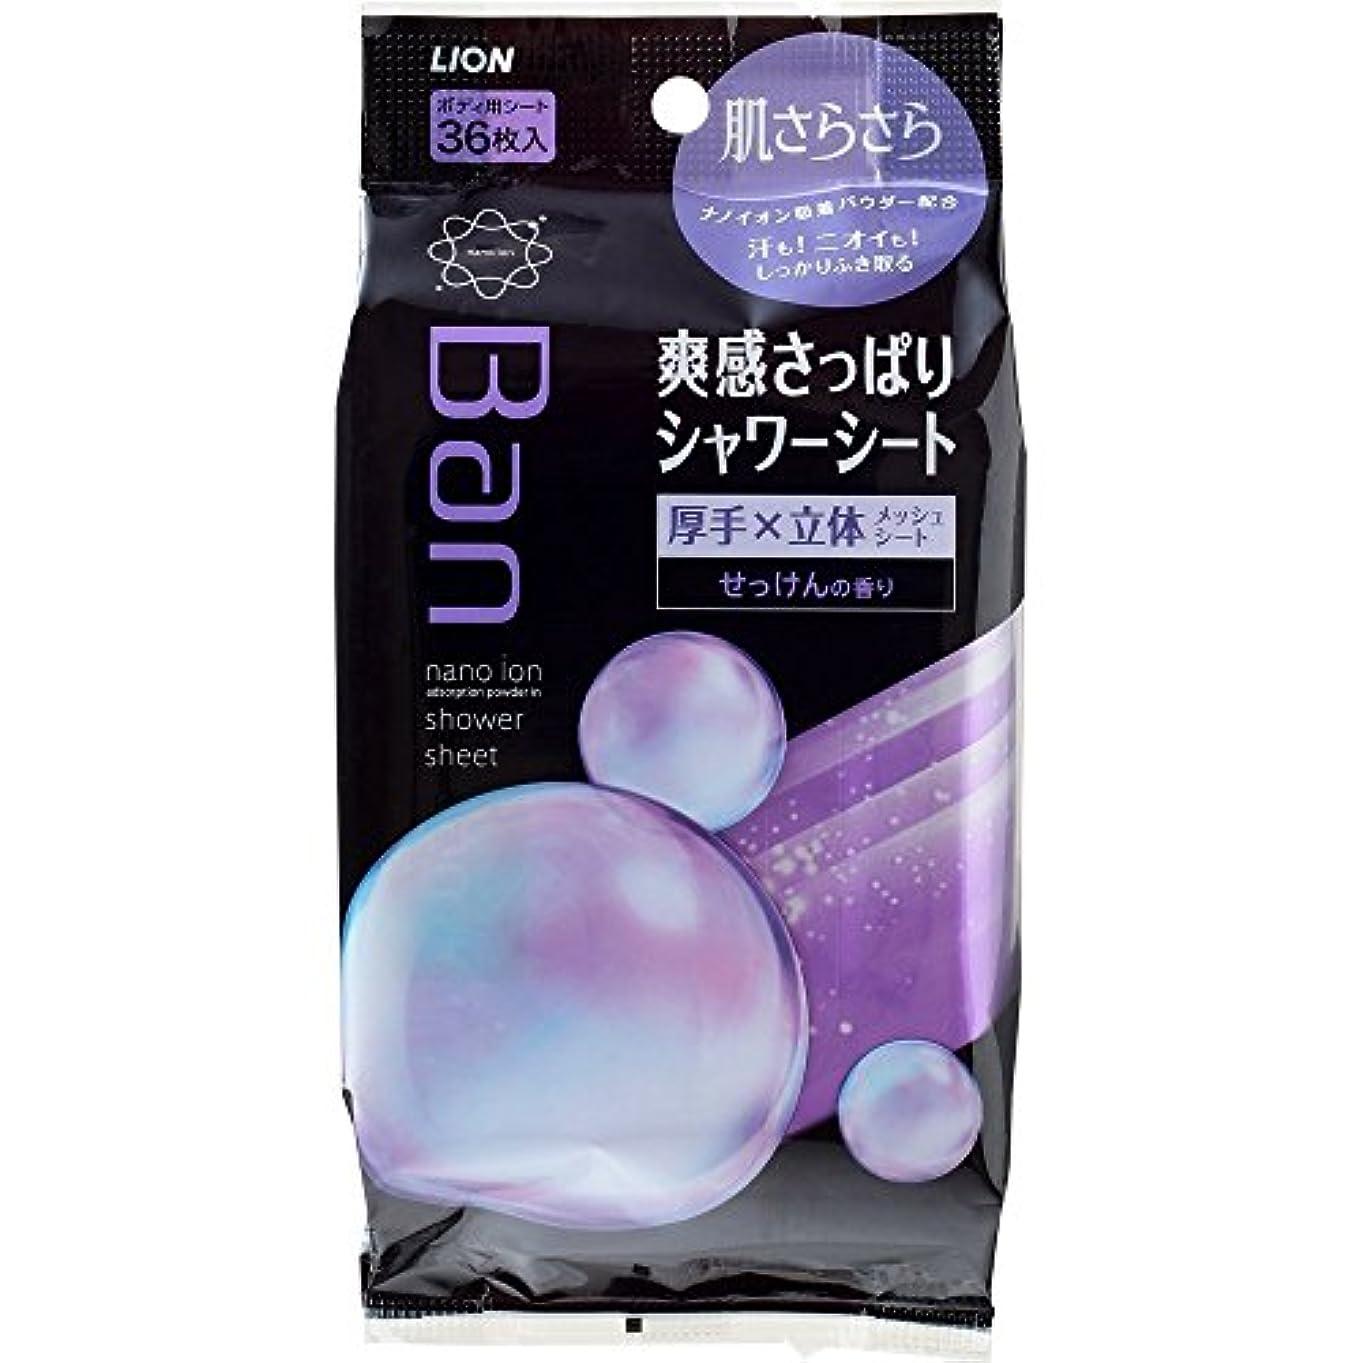 モンキー日常的にファイルBan 爽快さっぱりシャワーシート (せっけんの香り) 36枚入 ×10個セット